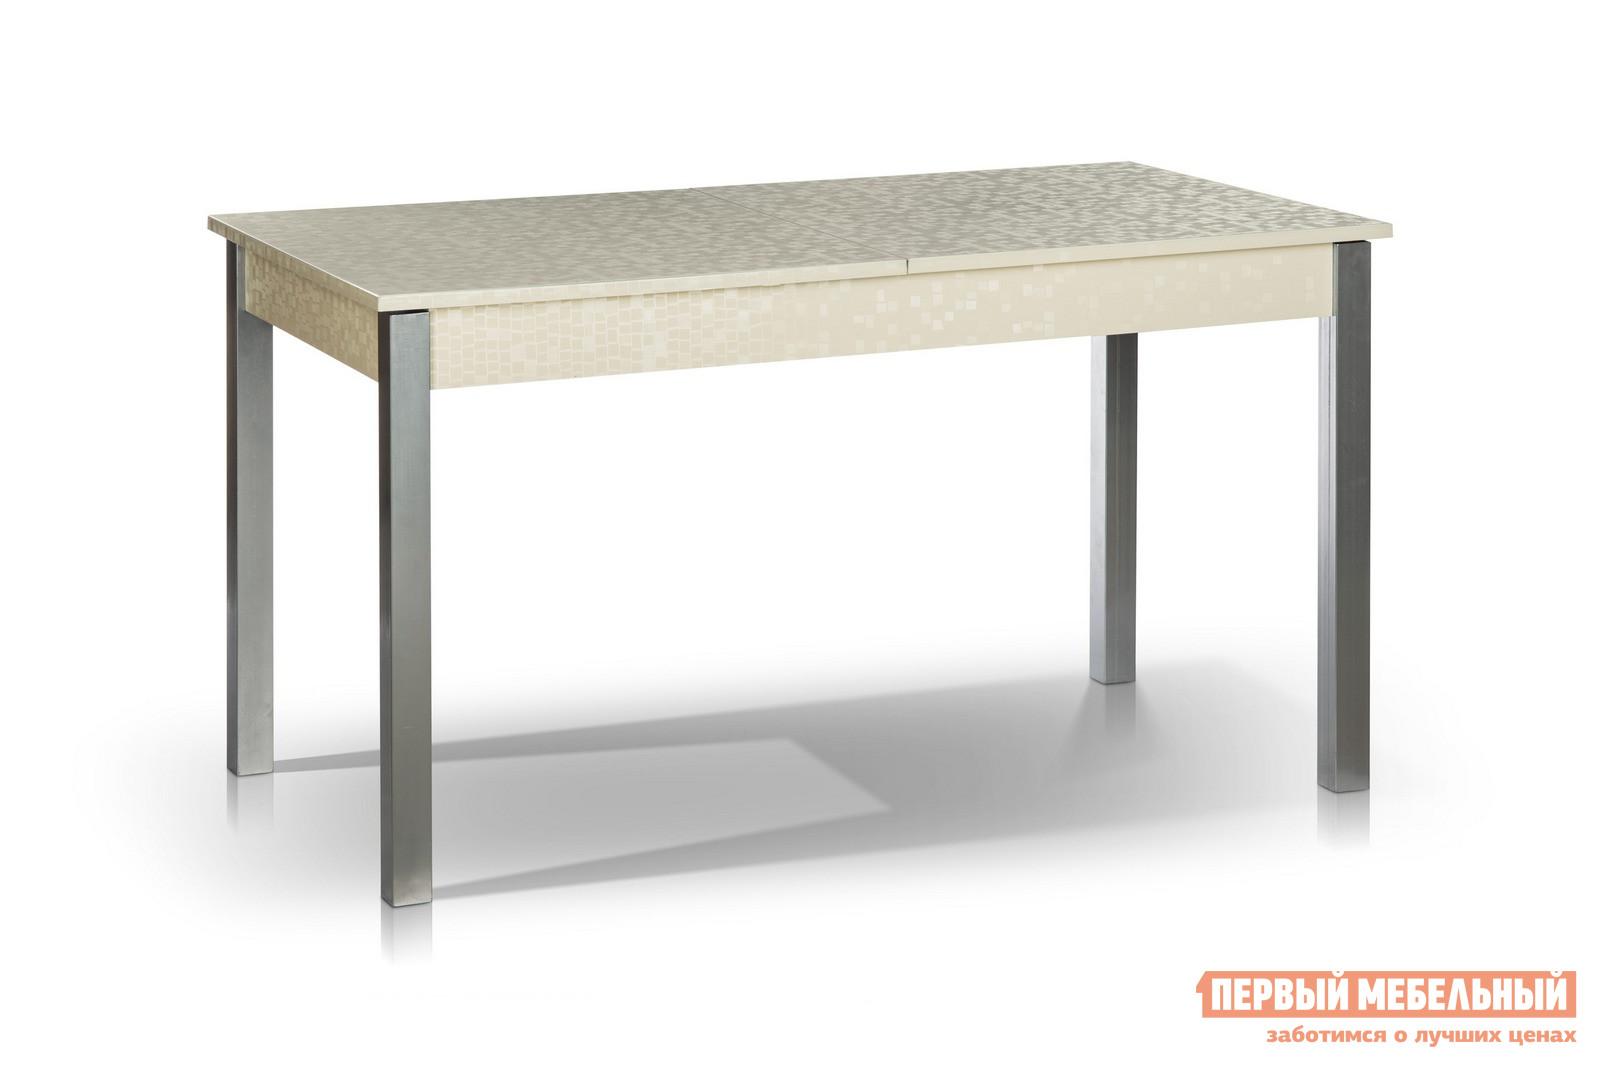 Кухонный стол МегаЭлатон Лугано Мозаика молочнаяКухонные столы<br>Габаритные размеры ВхШхГ 750x1340 / 1740x750 мм. Если вы ищите особенный обеденный стол на кухню, то данная модель идеально вам подходит.  Стол раскладывается, поэтому вы становитесь обладателем сразу двух изделий: компактного кухонного стола и большого обеденного. Размер столешницы в собранном виде (ШхГ): 1340 х 750 мм;Размер столешницы в разложенном виде (ШхГ): 1740 х 750 мм;Металлические ножки выполнены из профильной стальной трубы размером 50 х 50 мм.  Каркас столешницы изготовлен из ЛДСП толщиной 16 мм и МДФ толщиной 18 мм.  Торцевые части облицованы противоударной пленкой ПВХ толщиной 2 мм.  Модель оснащена шариковым механизмом благодаря которому столешница легко и быстро раздвигается.<br><br>Цвет: Мозаика молочная<br>Цвет: Белый<br>Высота мм: 750<br>Ширина мм: 1340 / 1740<br>Глубина мм: 750<br>Кол-во упаковок: 1<br>Форма поставки: В разобранном виде<br>Срок гарантии: 12 месяцев<br>Тип: Раздвижные, Трансформер<br>Материал: Деревянные, из ЛДСП, из МДФ<br>Форма: Прямоугольные<br>Размер: Большие<br>Особенности: С металлическими ножками